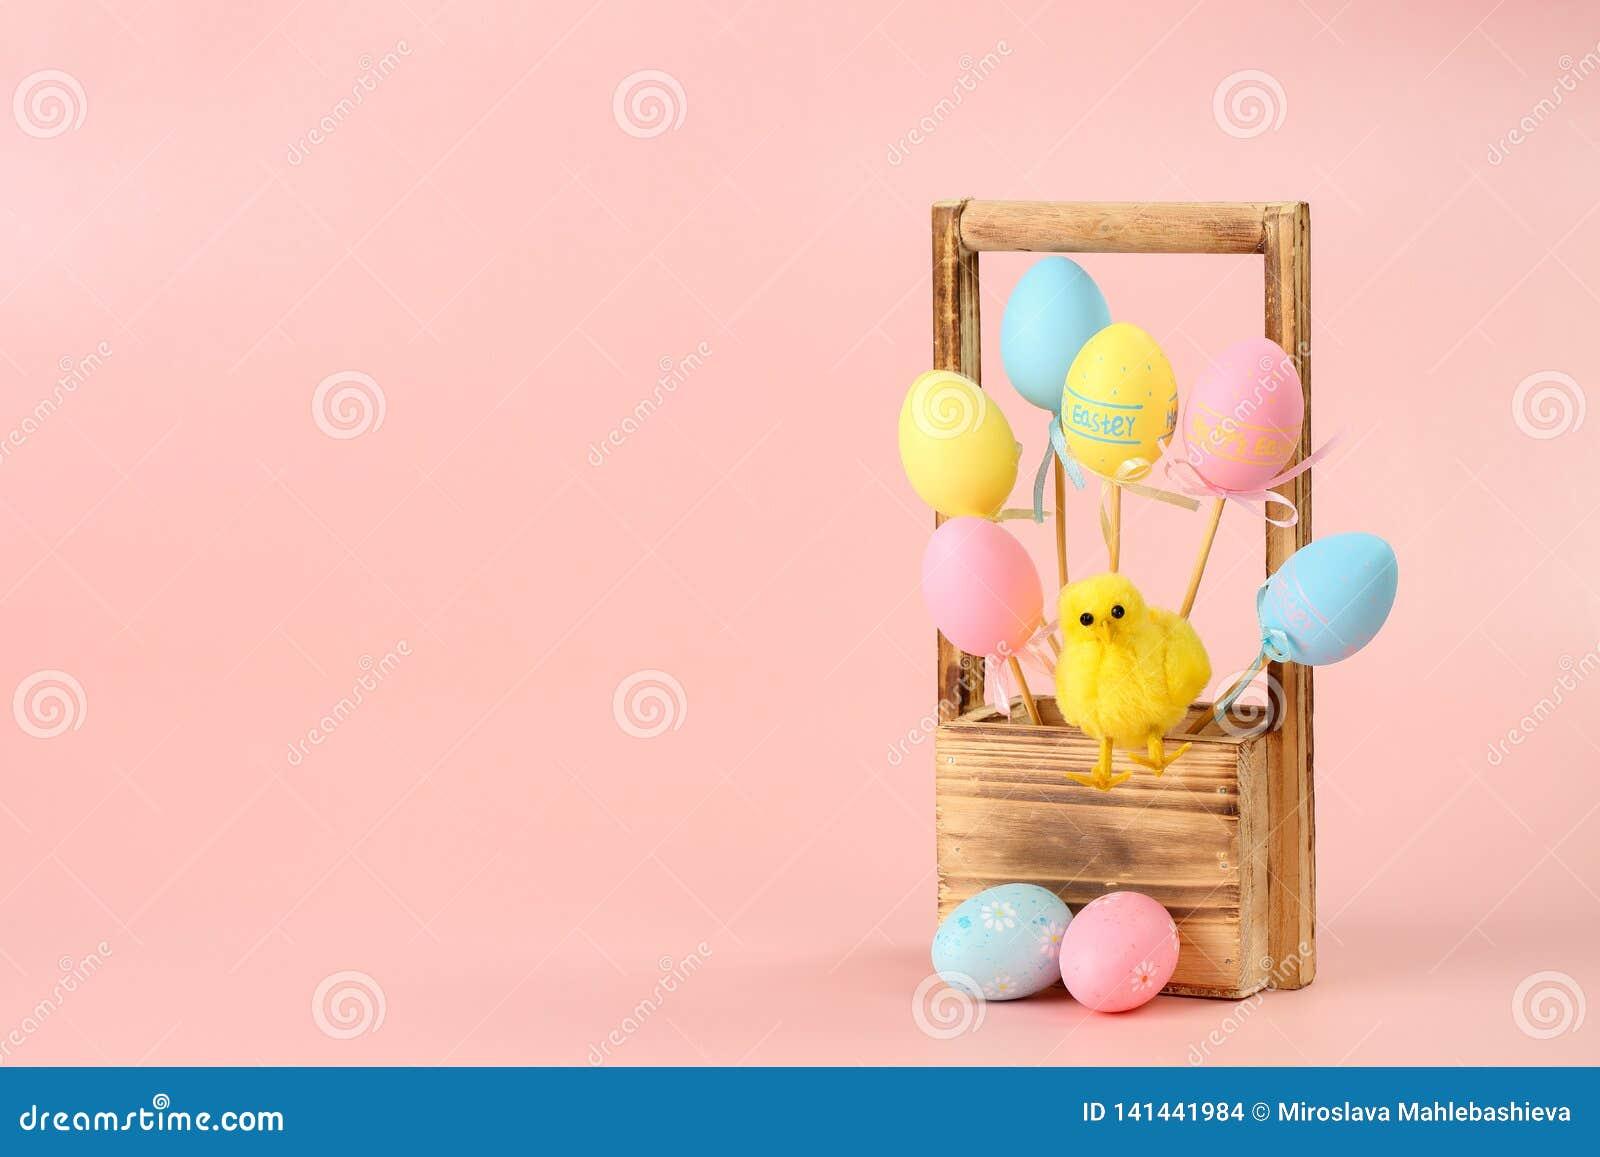 Rosa, uova dipinte gialle e blu sui bastoni e un pollo sveglio in un canestro di legno per i fiori su un fondo rosa pasqua